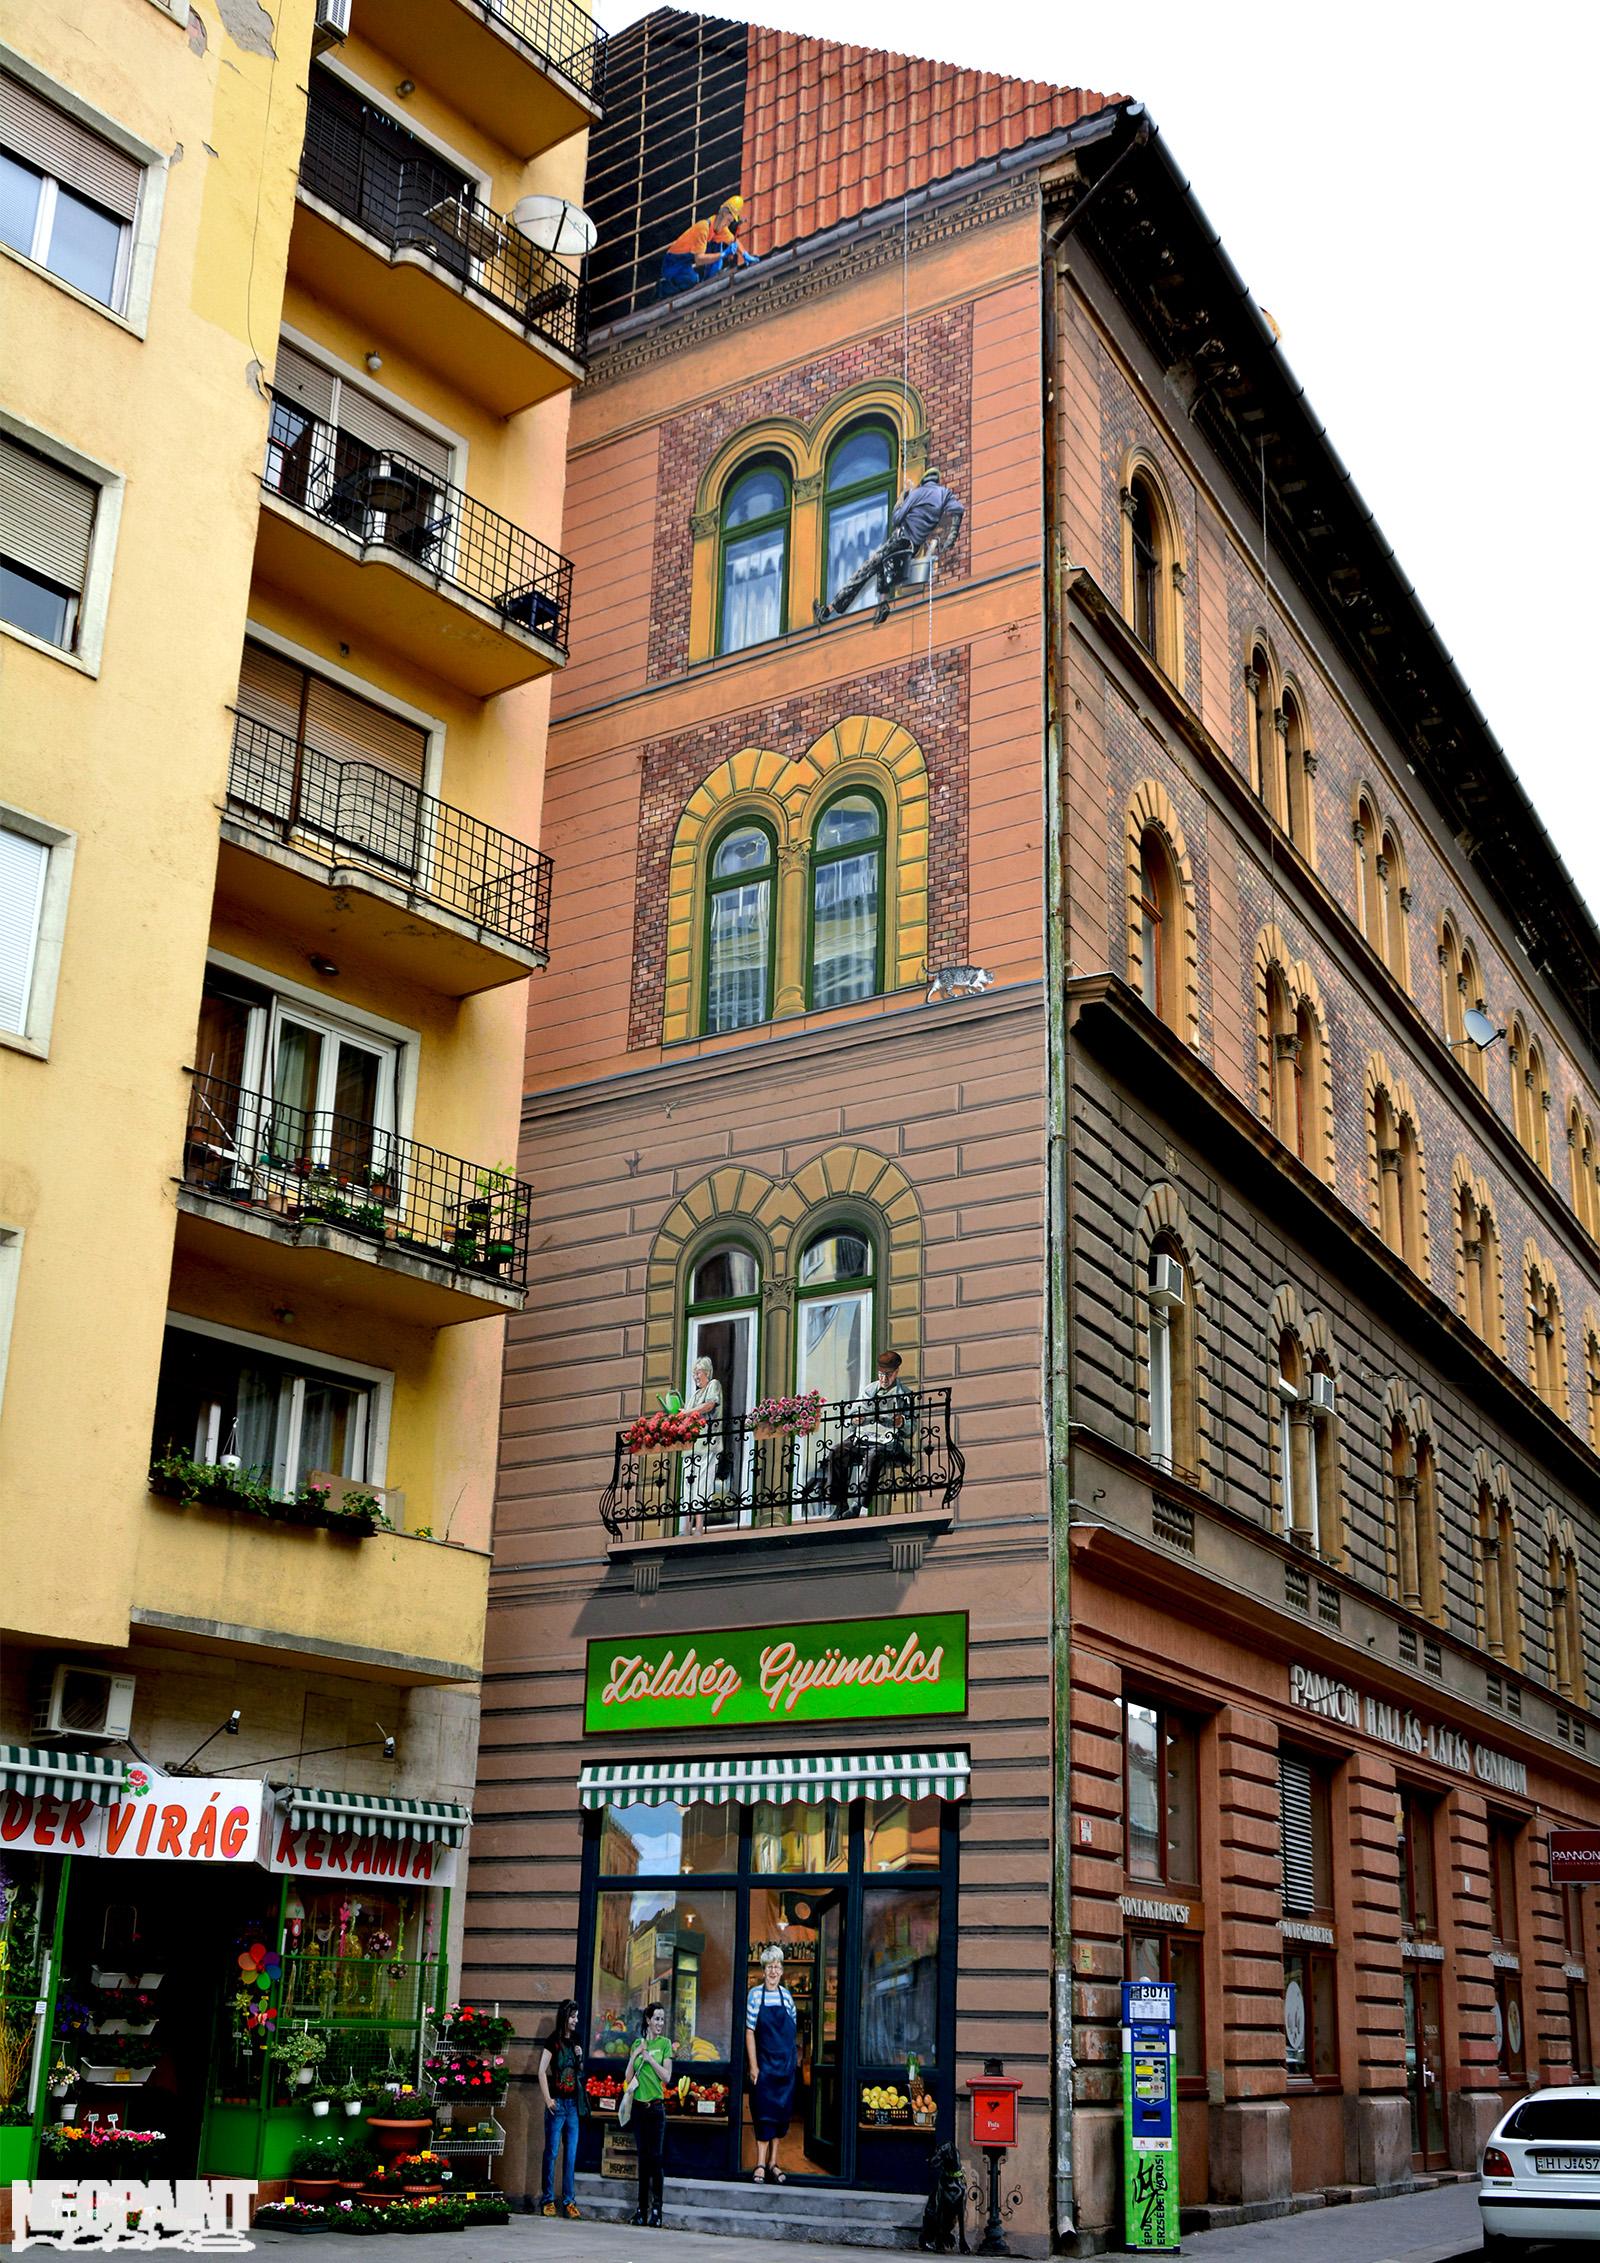 neopaint works - épület dekorációs falfestés - zöldséges